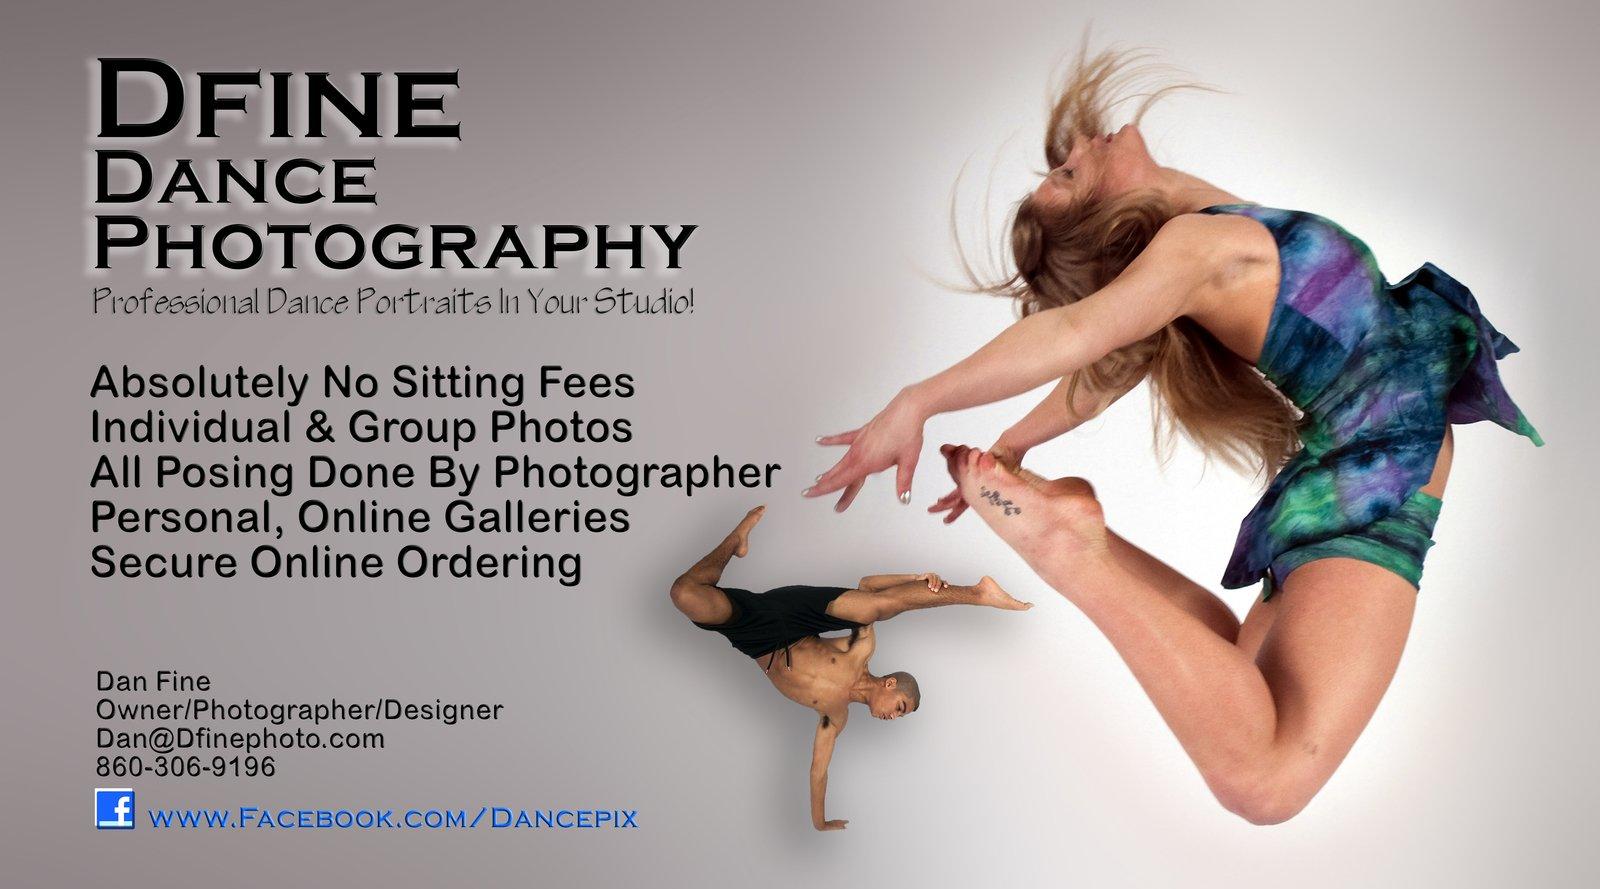 Dfine Photography